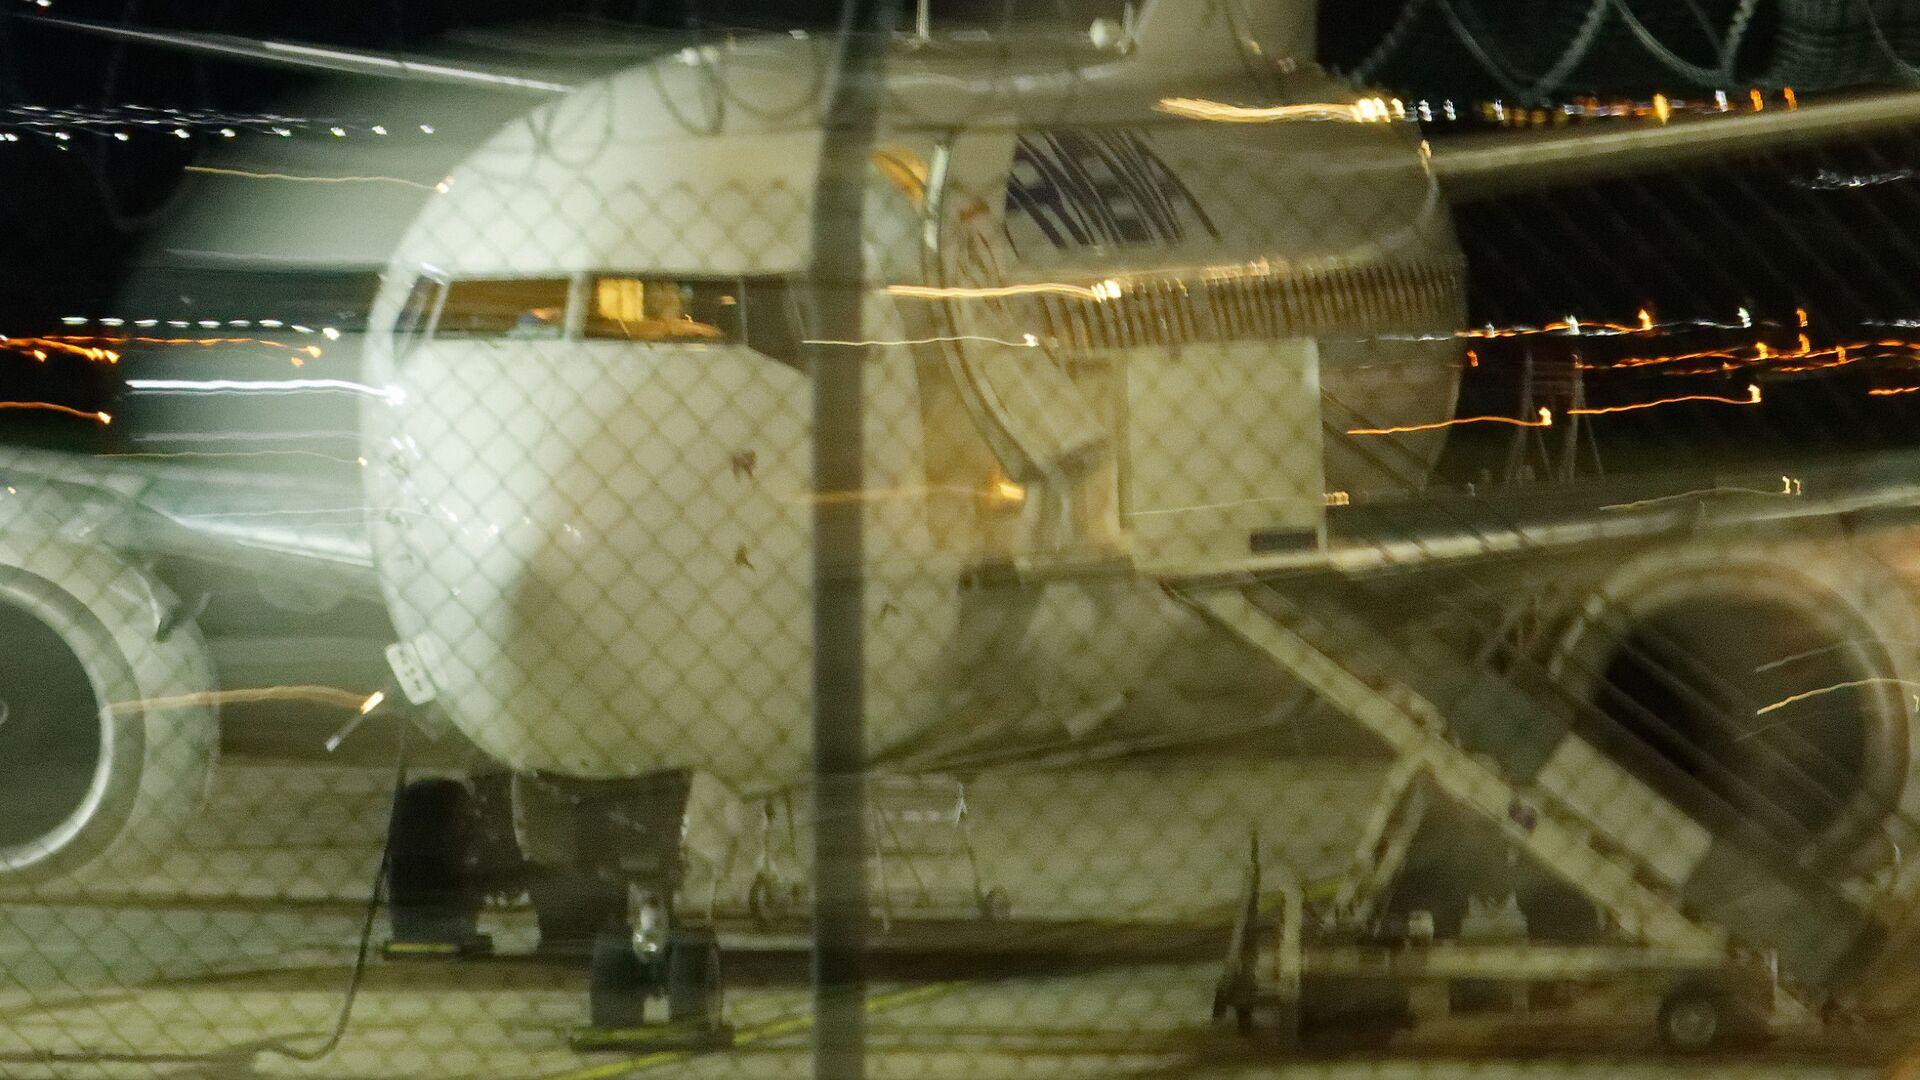 Пассажирский самолет в тбилисском аэропорту на стоянке - Sputnik Грузия, 1920, 05.09.2021